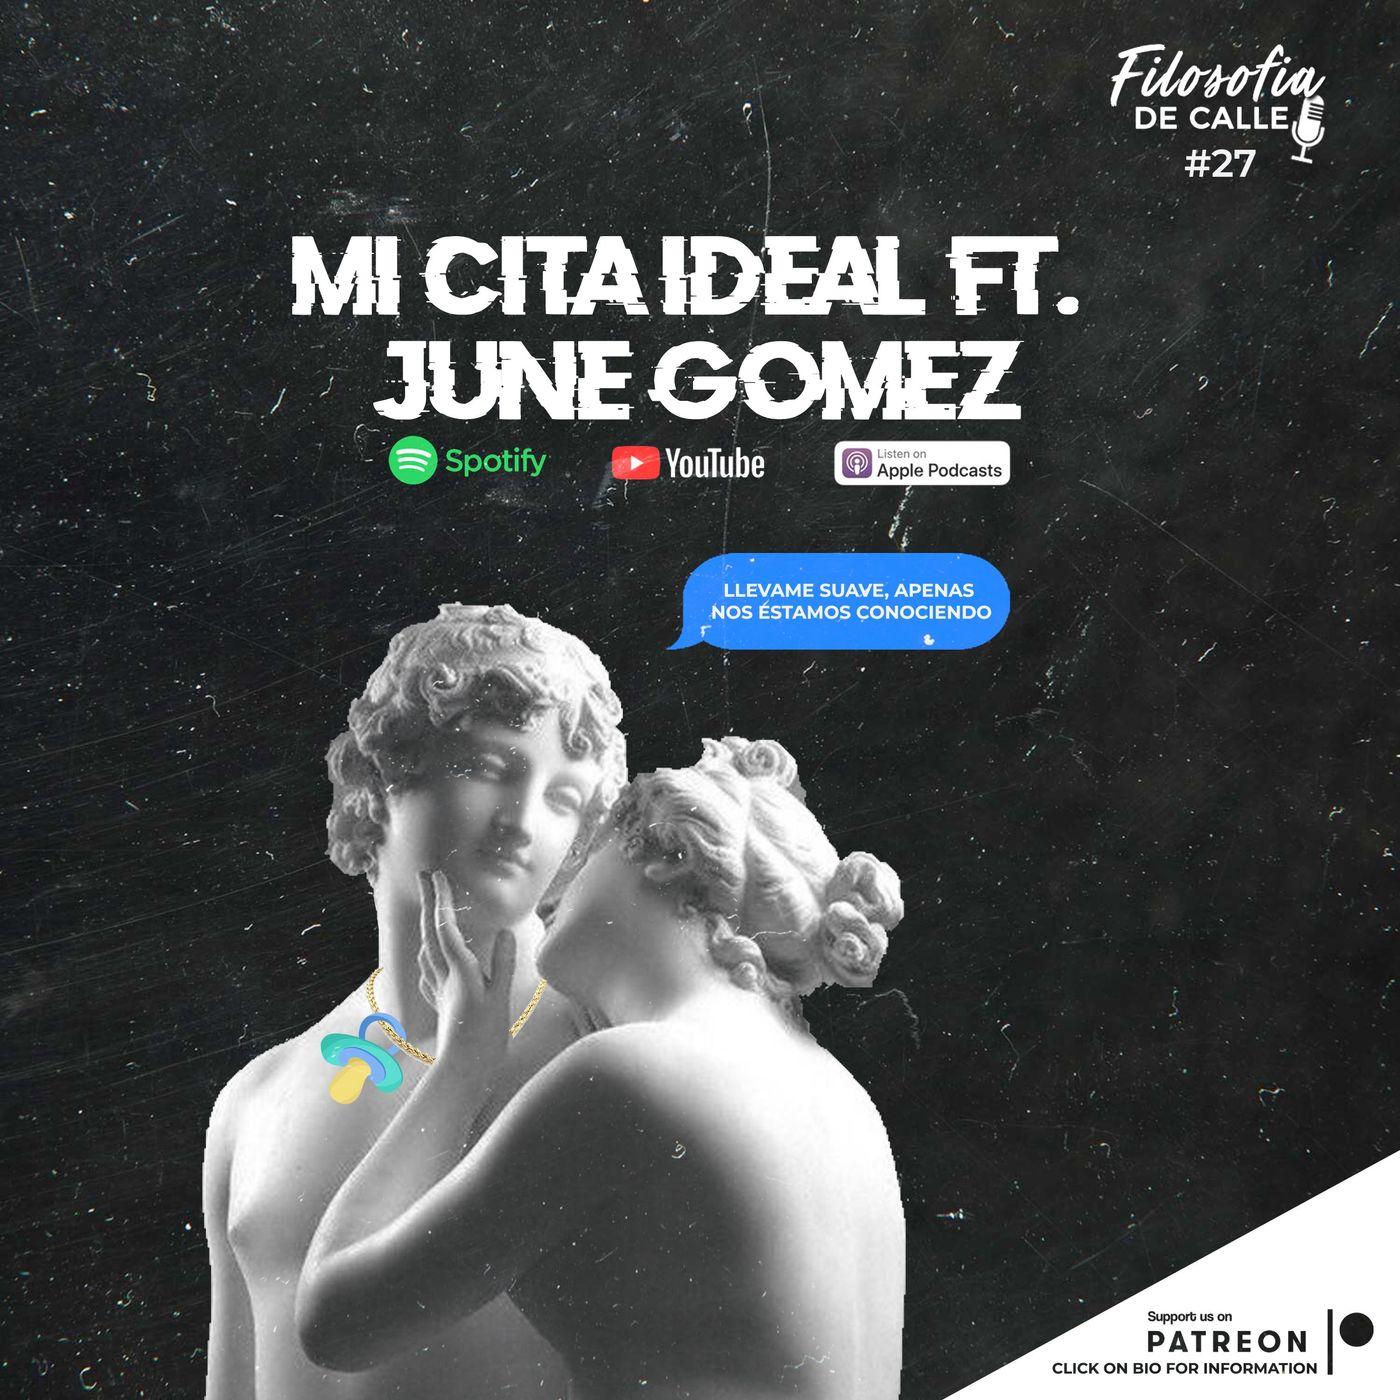 027. Mi Cita Ideal ft June Gómez